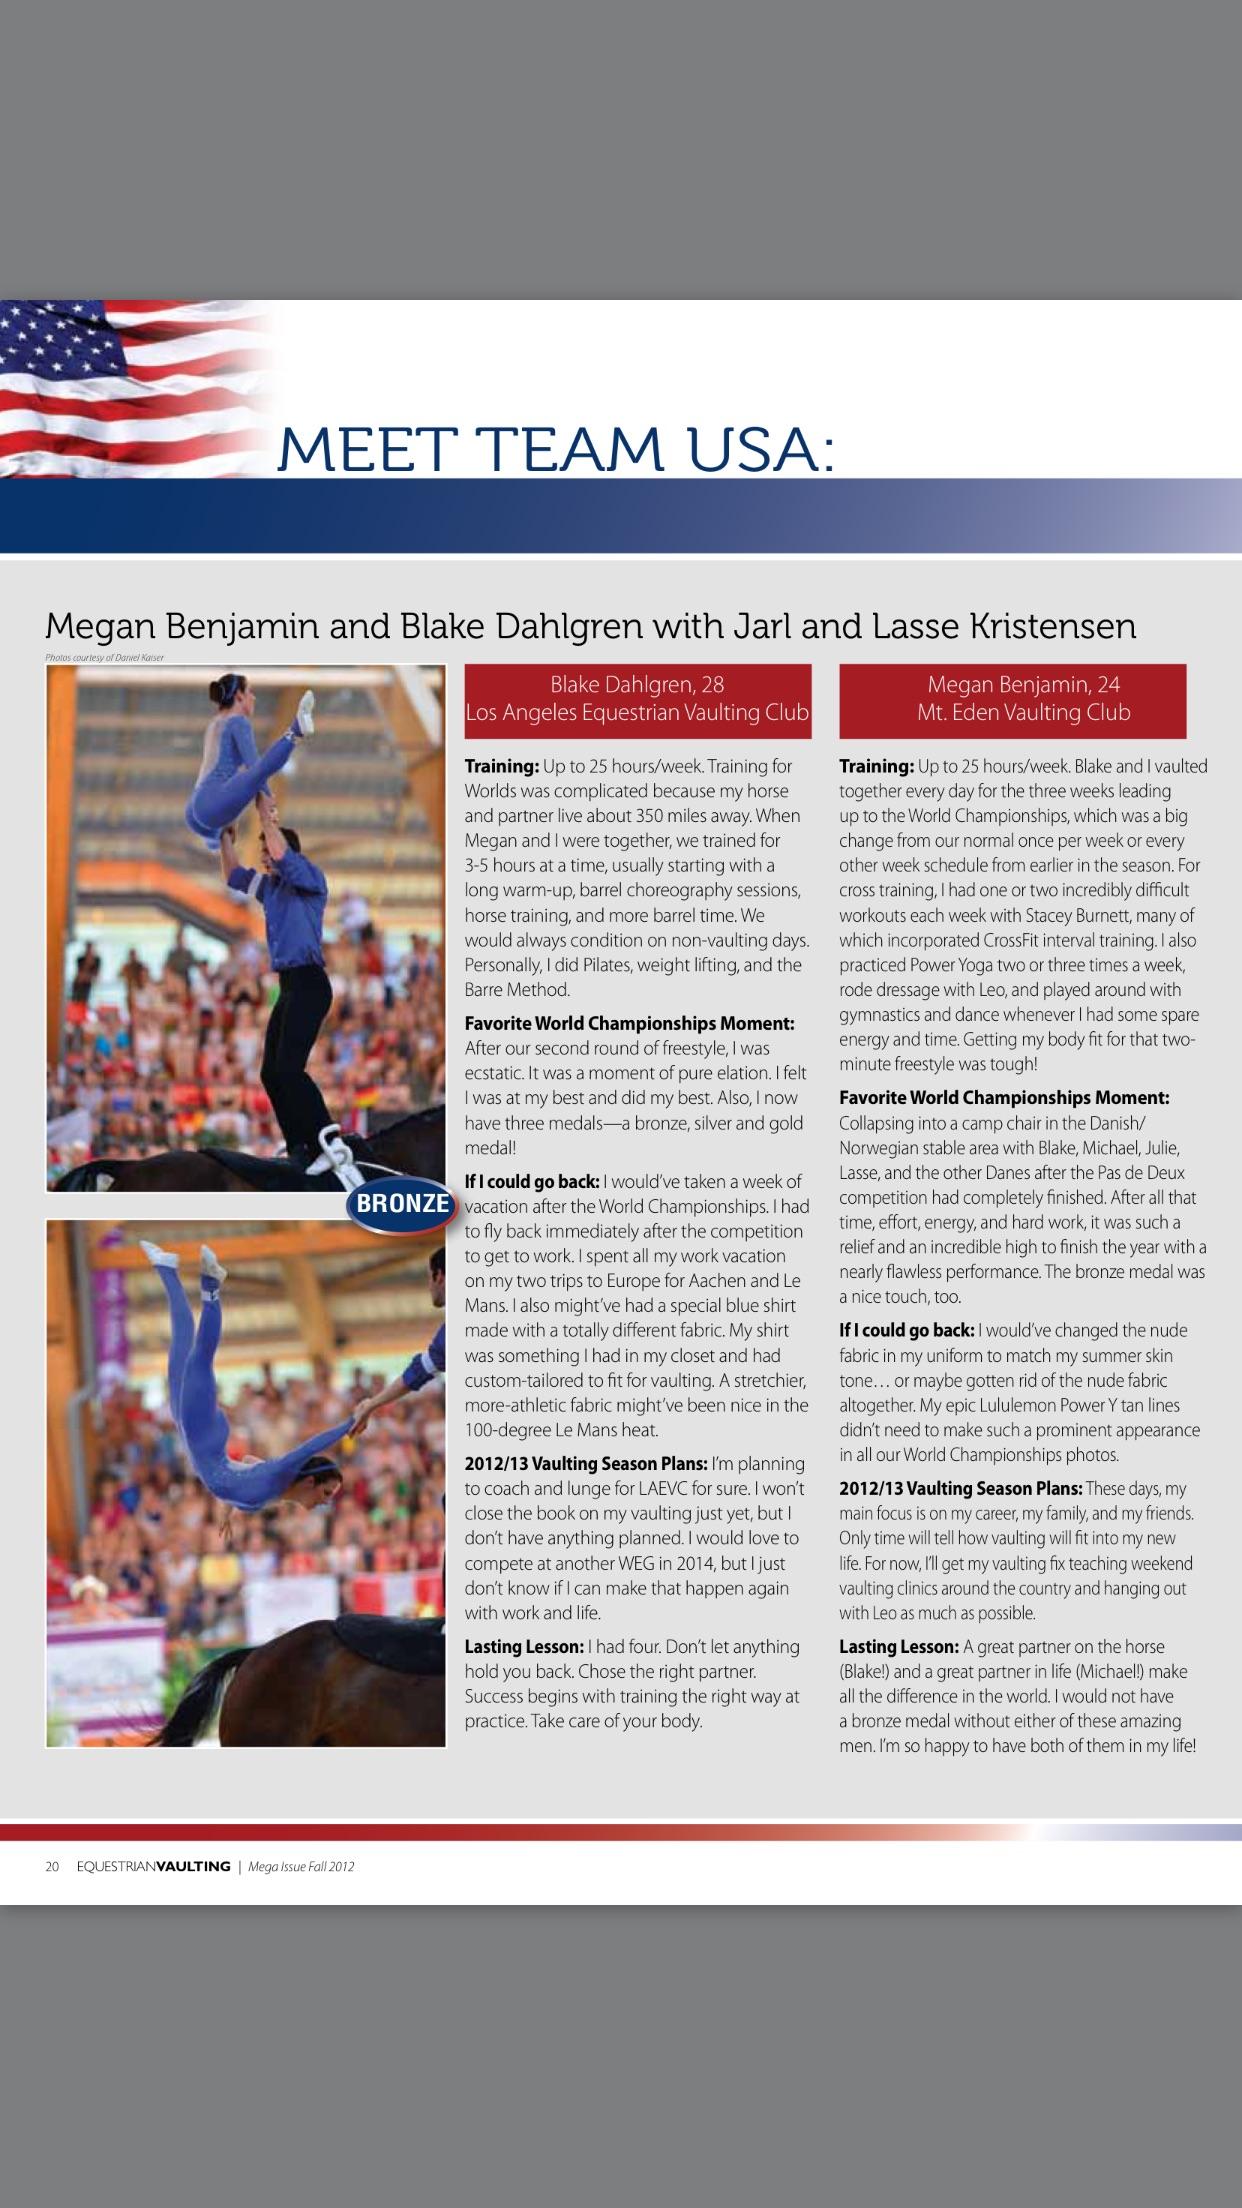 Blake Dahlgren and Megan Benjamin